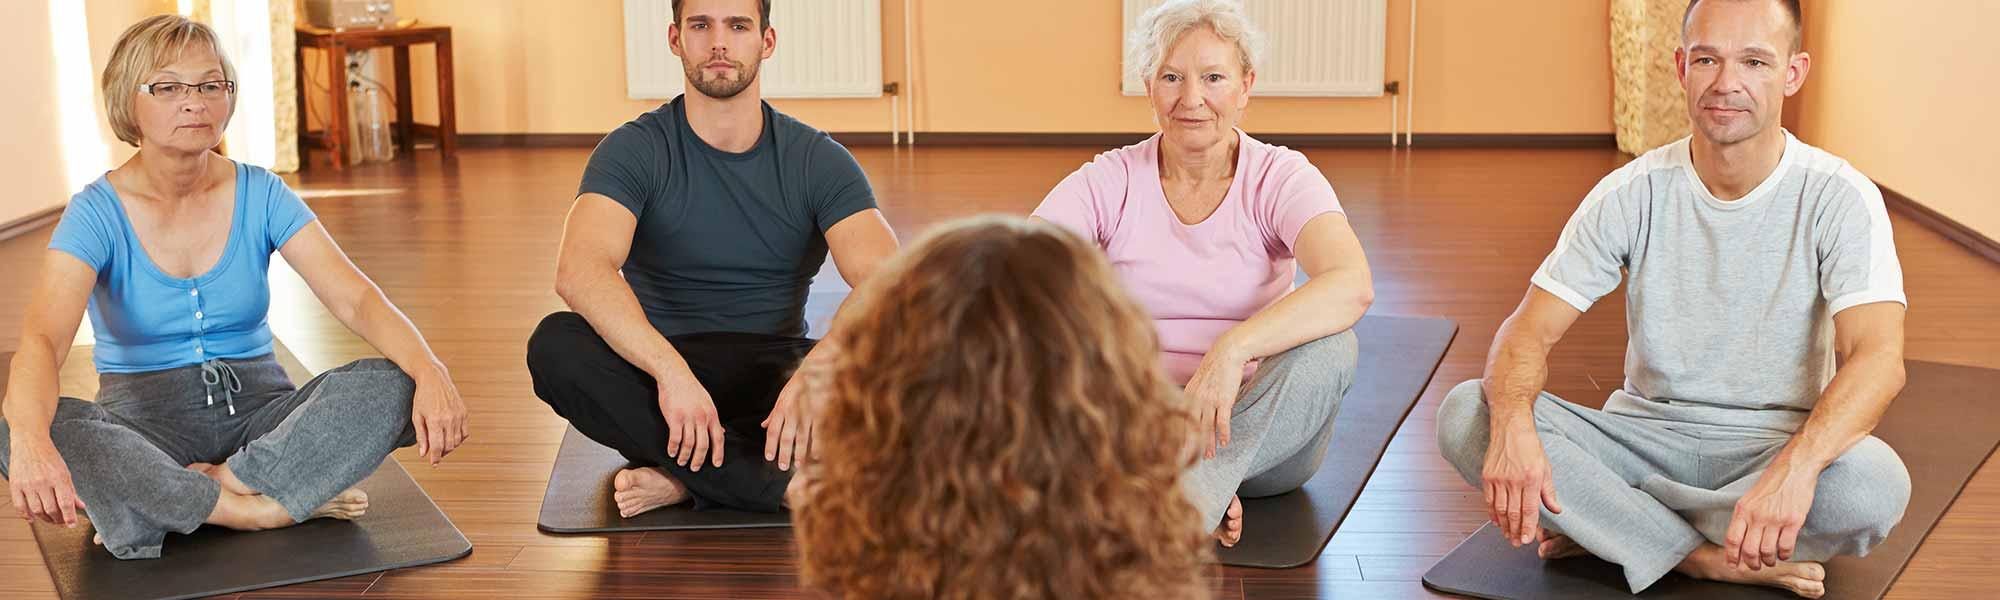 séance yoga coach